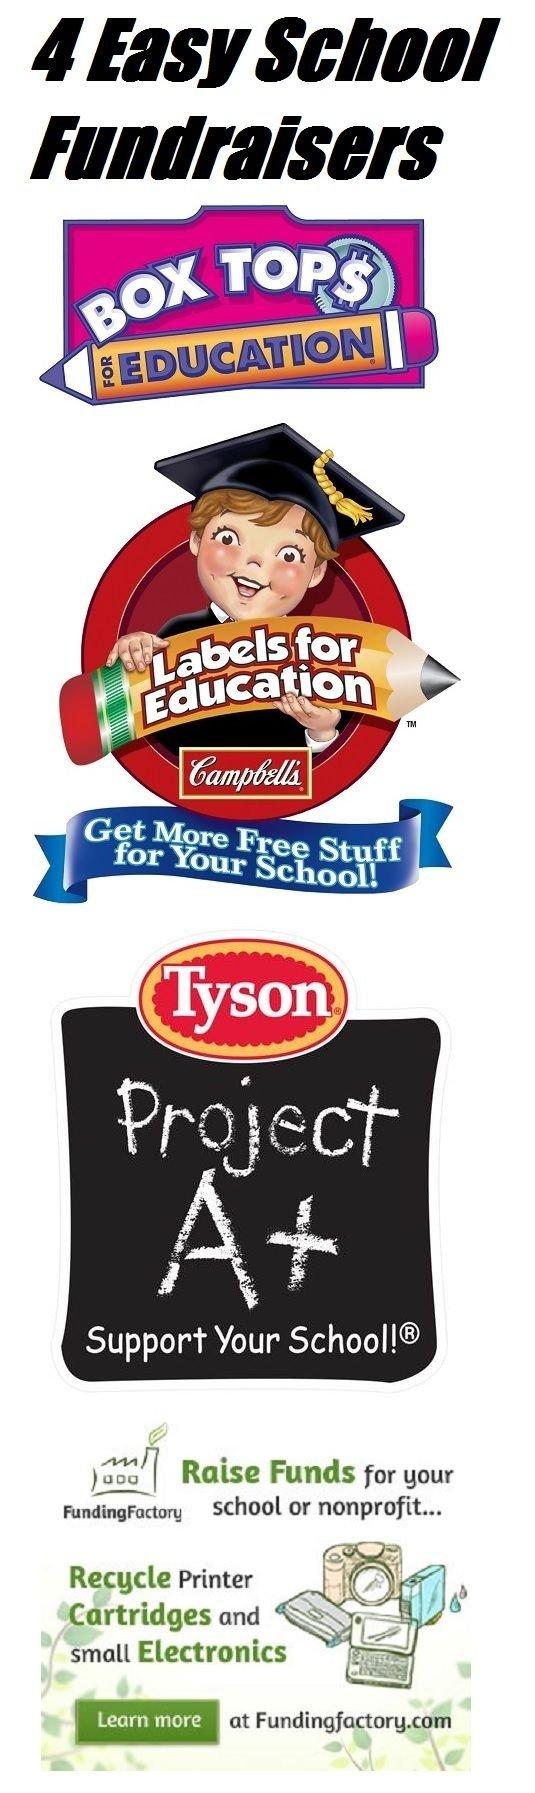 10 Fantastic High School Club Fundraising Ideas 169 best school fundraising ideas images on pinterest school 1 2021